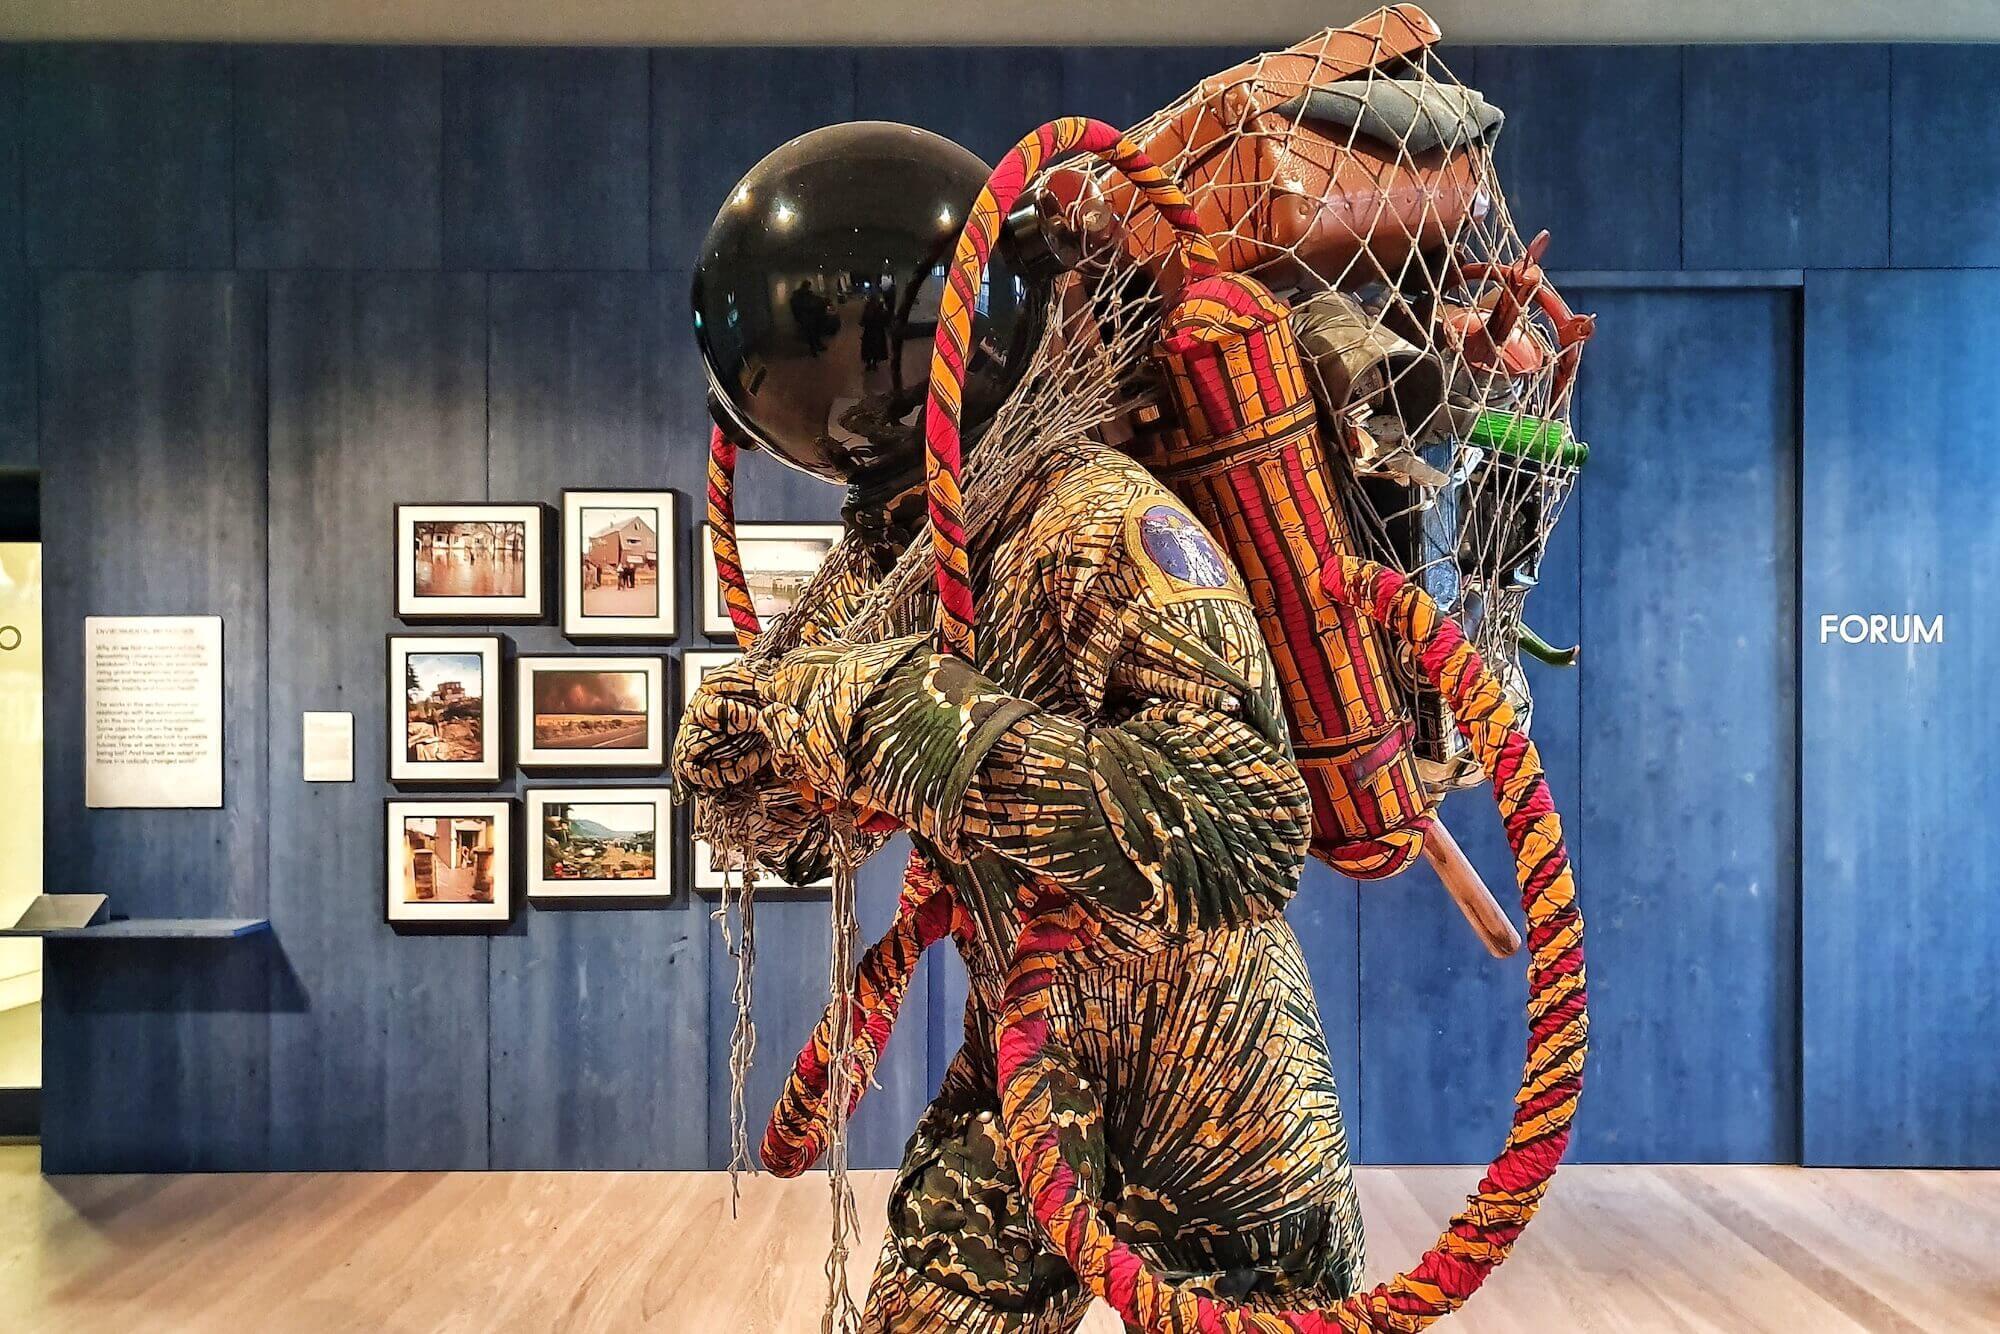 Die Dauerausstellung Being Human in der Londoner Wellcome Collection befasst sich mit dem menschlichen Körper zwischen Klimakrise und Krankheiten